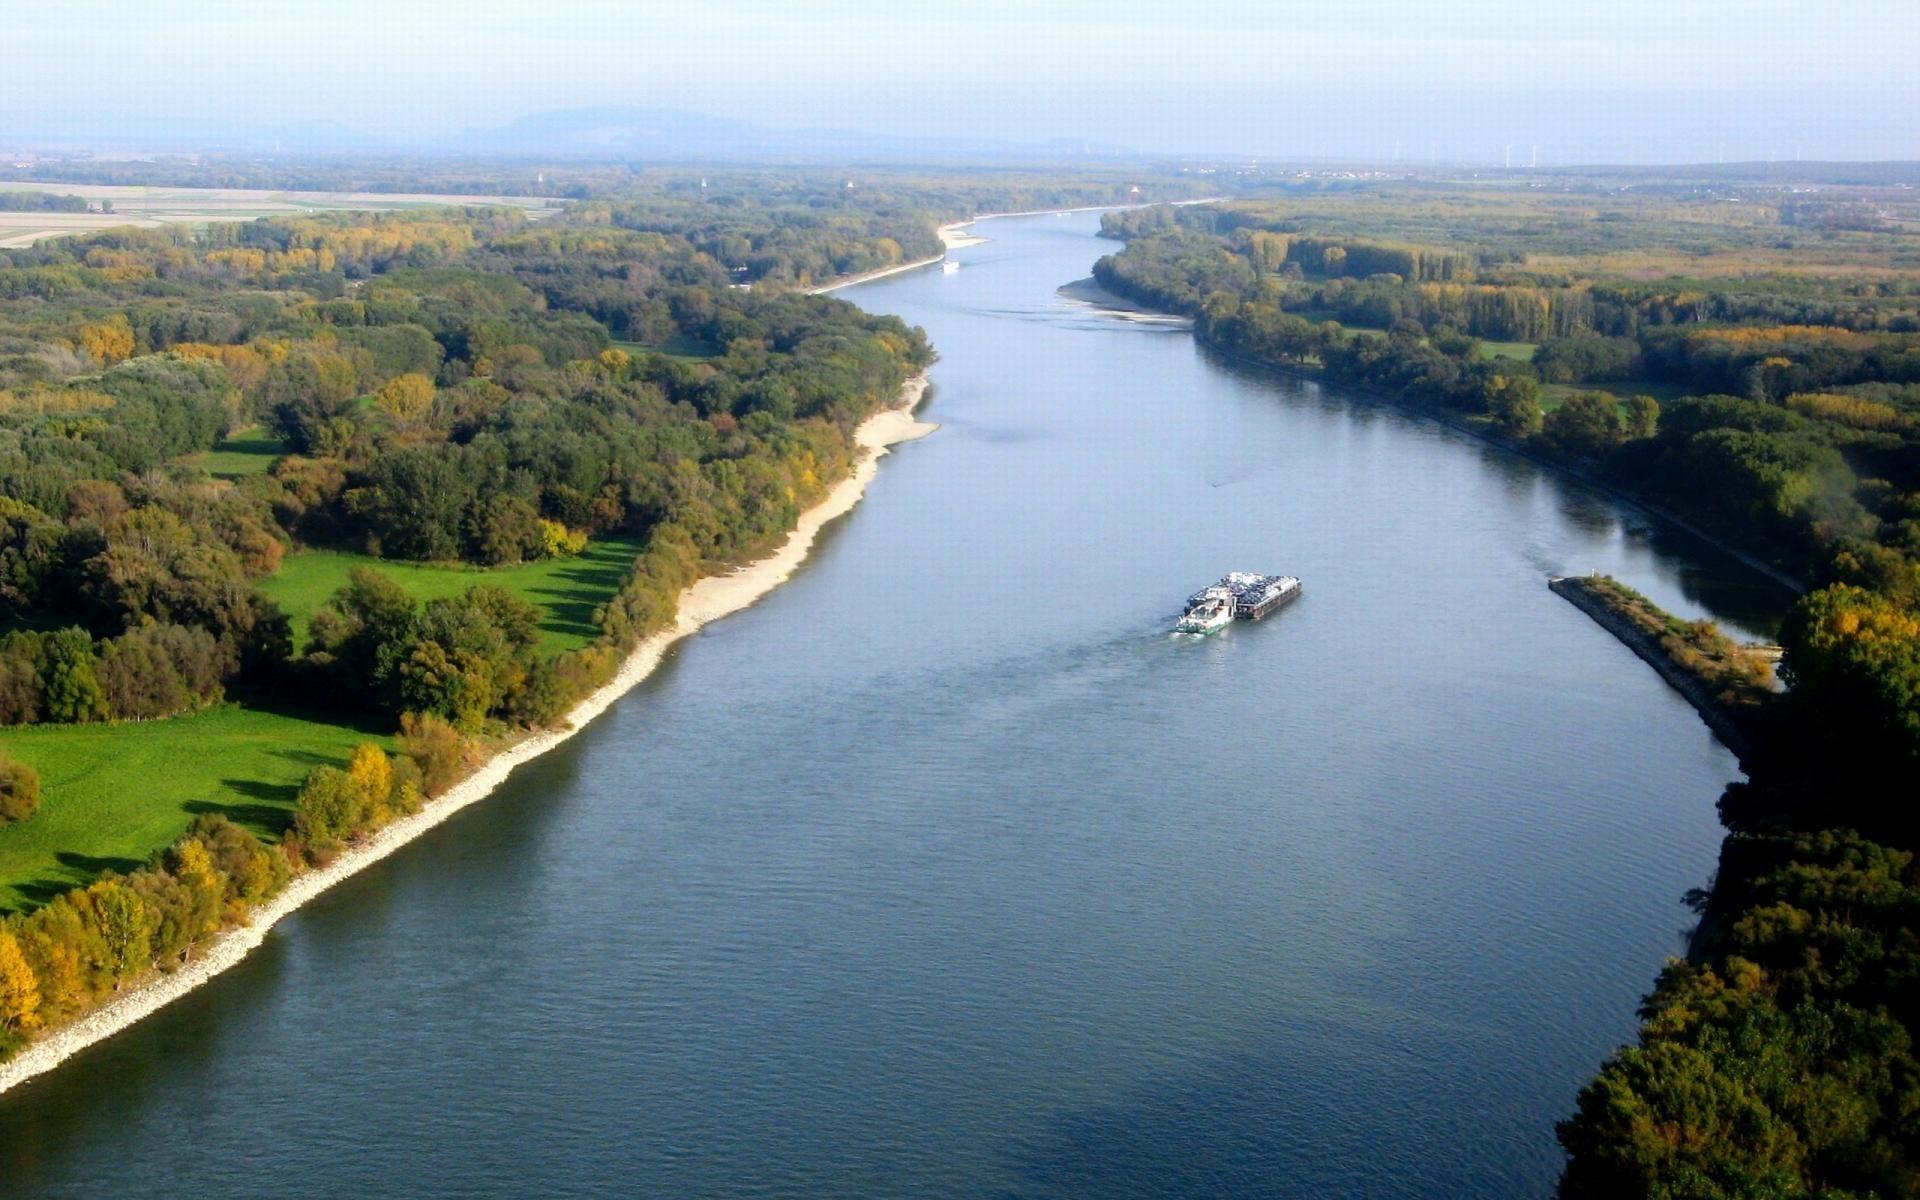 نهر الدانوب الذي يمر بطريق الحلقة